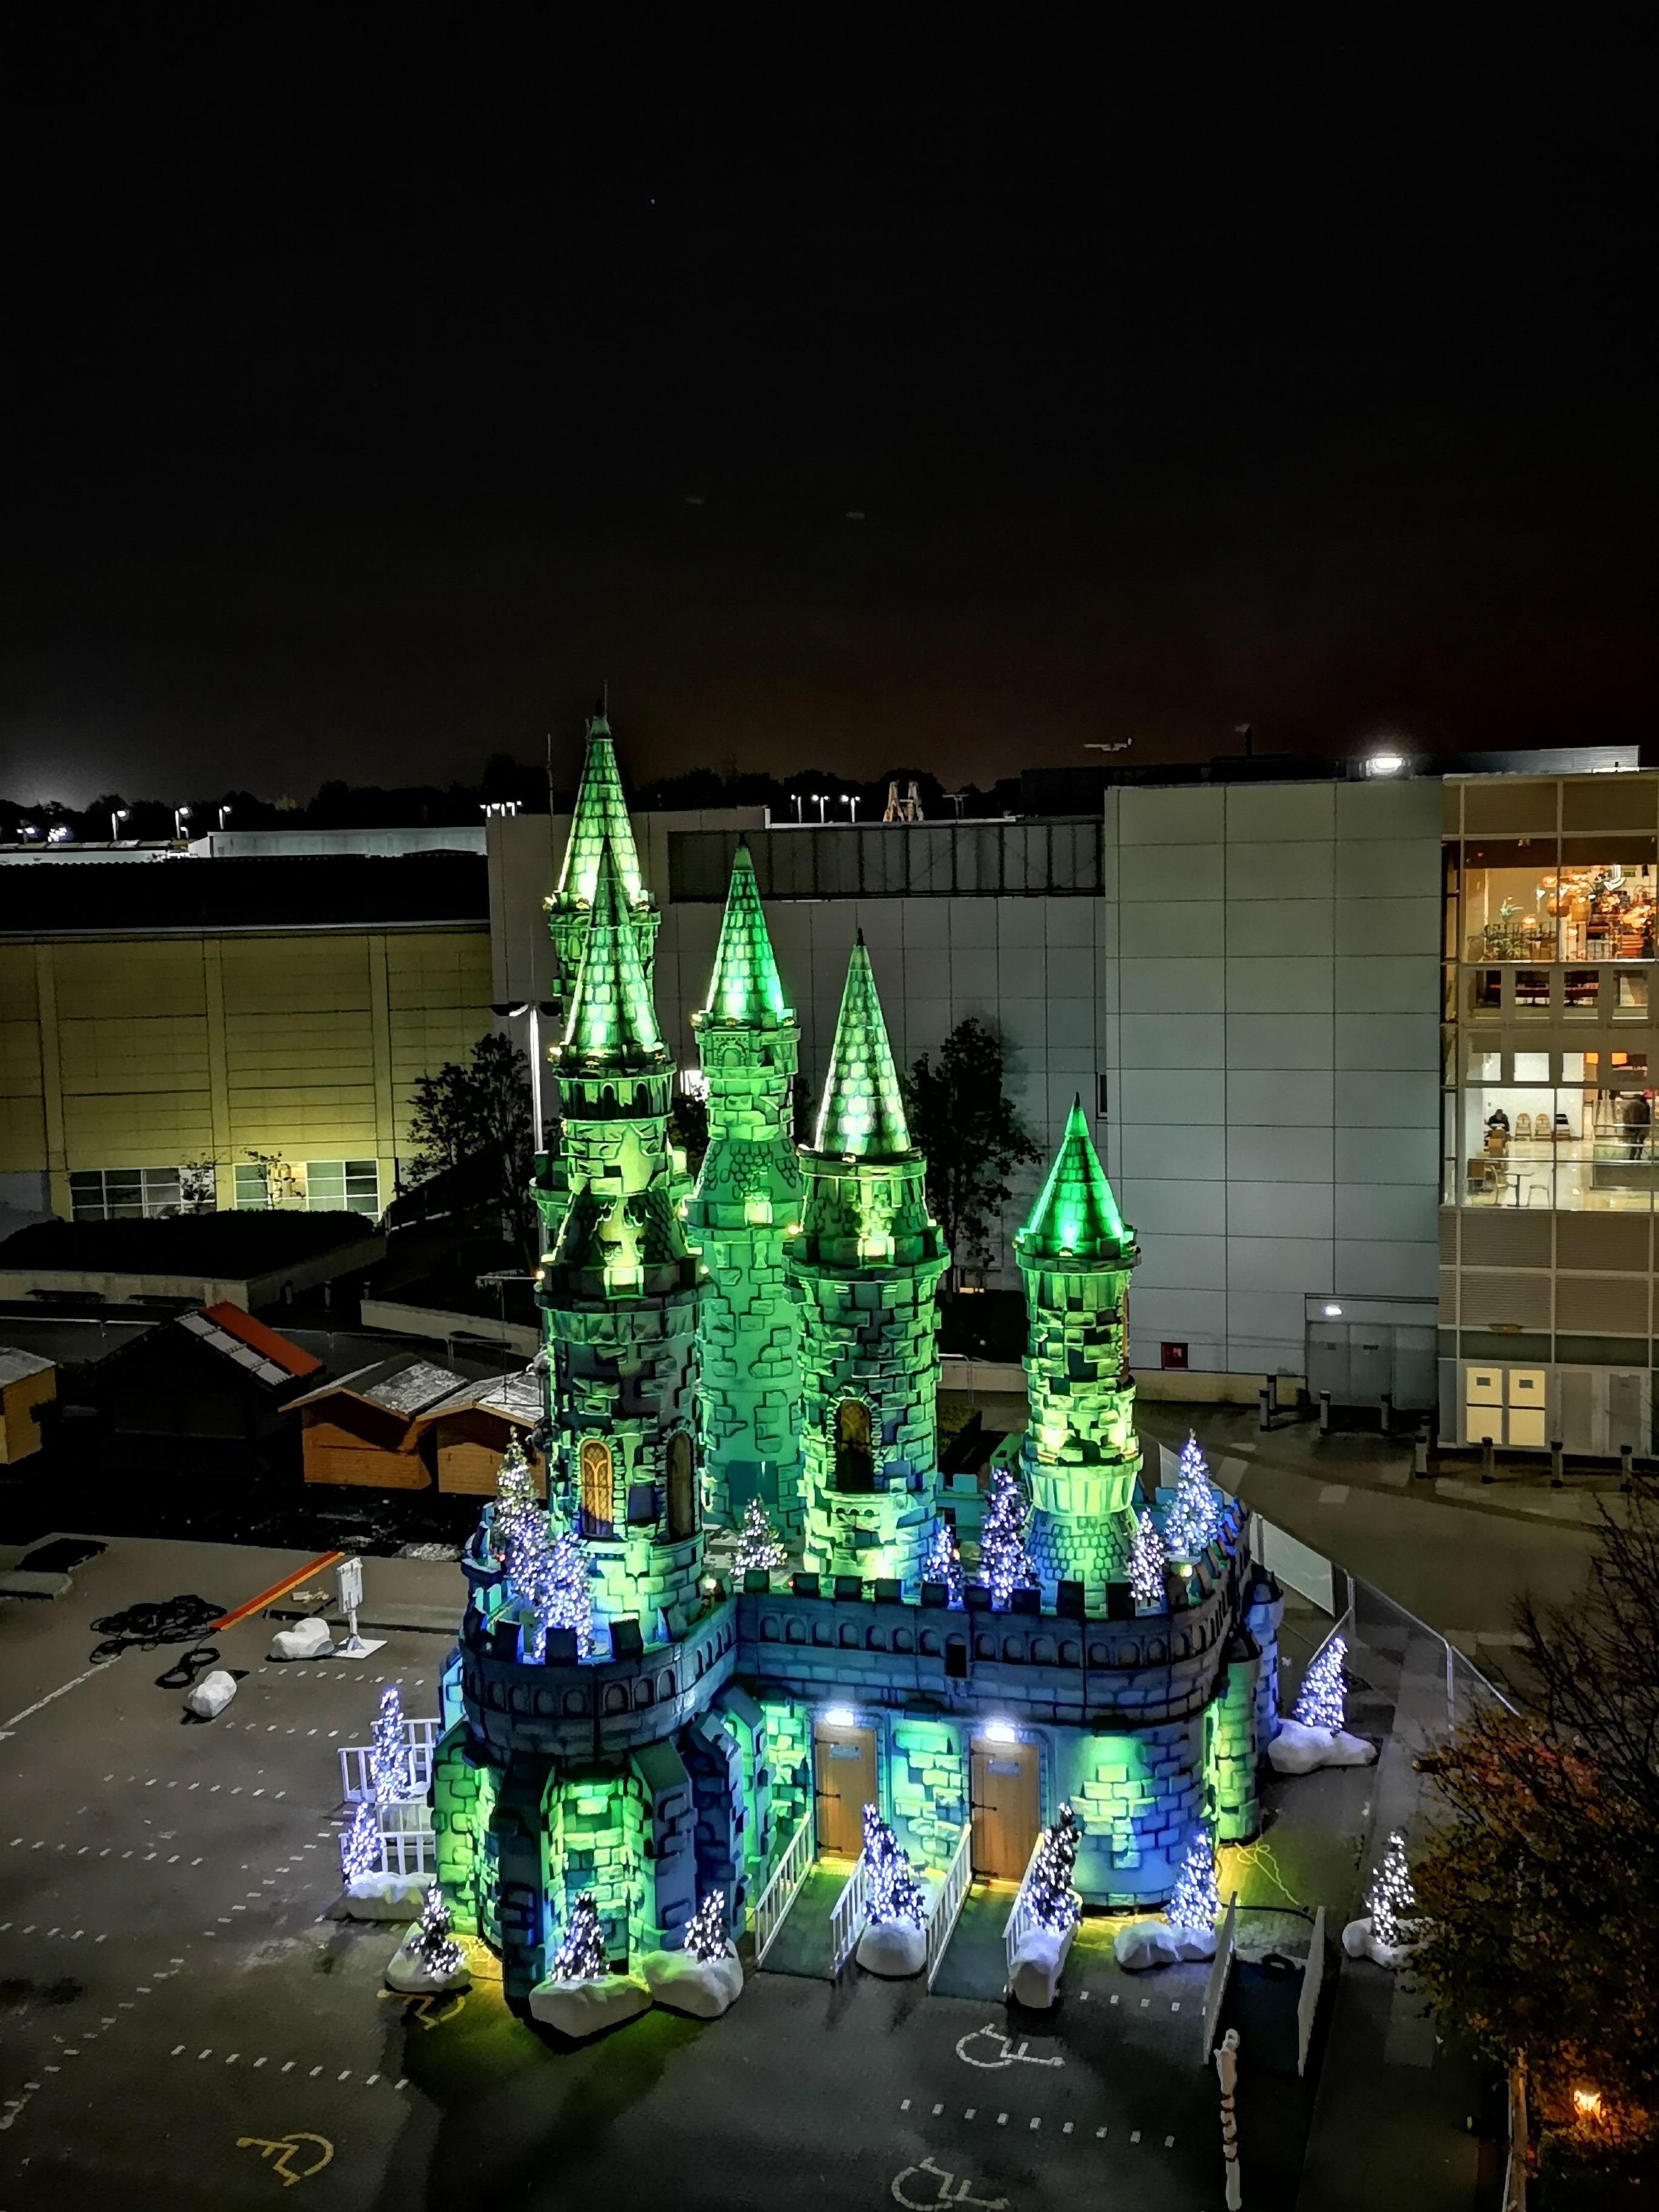 Castle Towers lit up